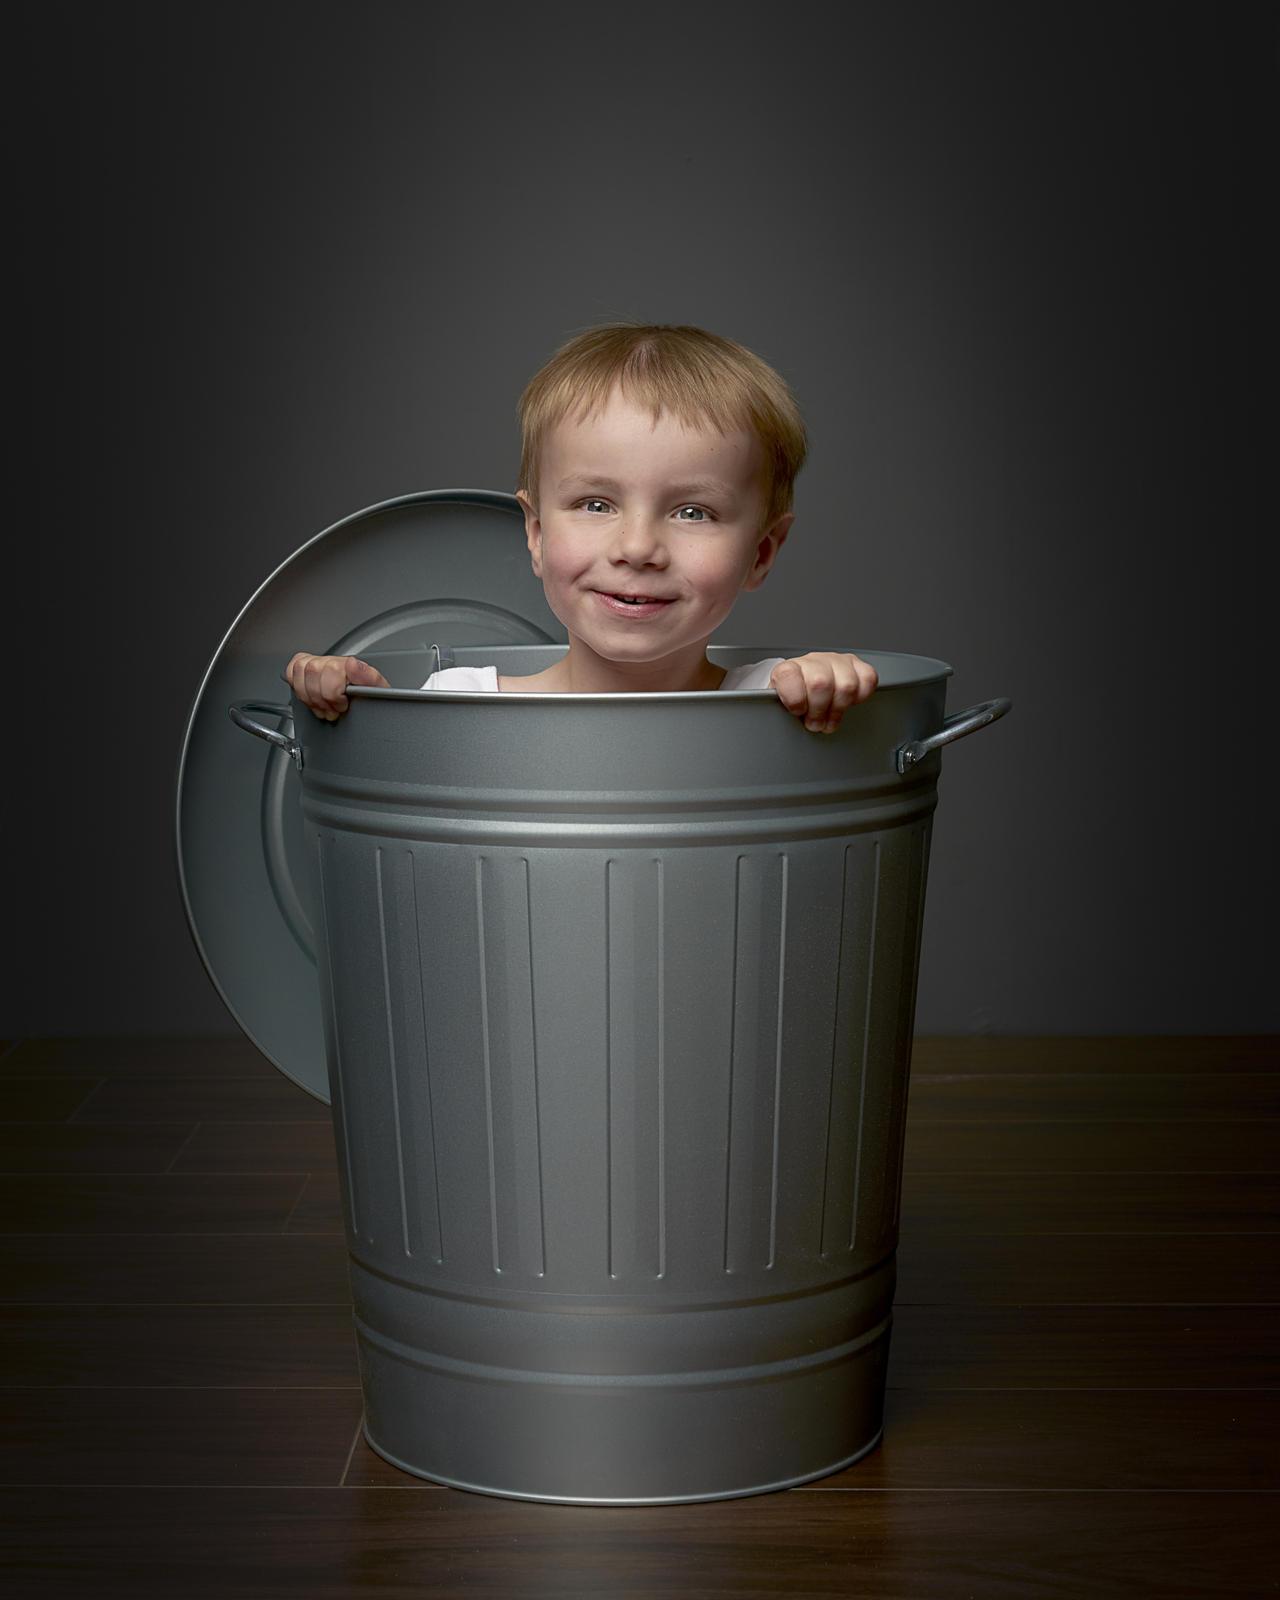 Foto van een gezicht van een jongetje dat uit een blikken ton steekt